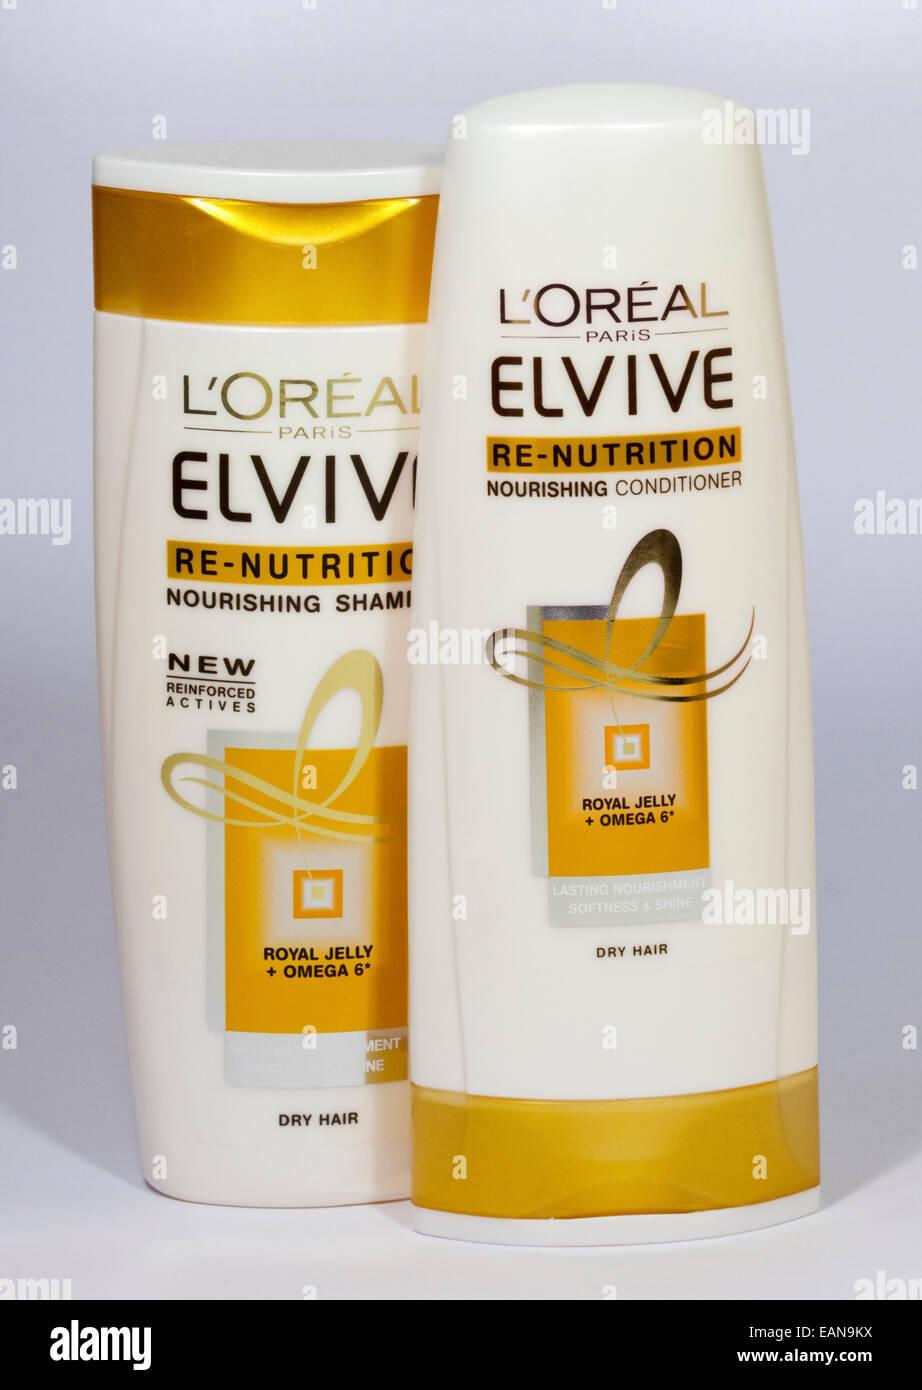 L'Oreal Paris Elvive Total Repair 5 Restoring Shampoo